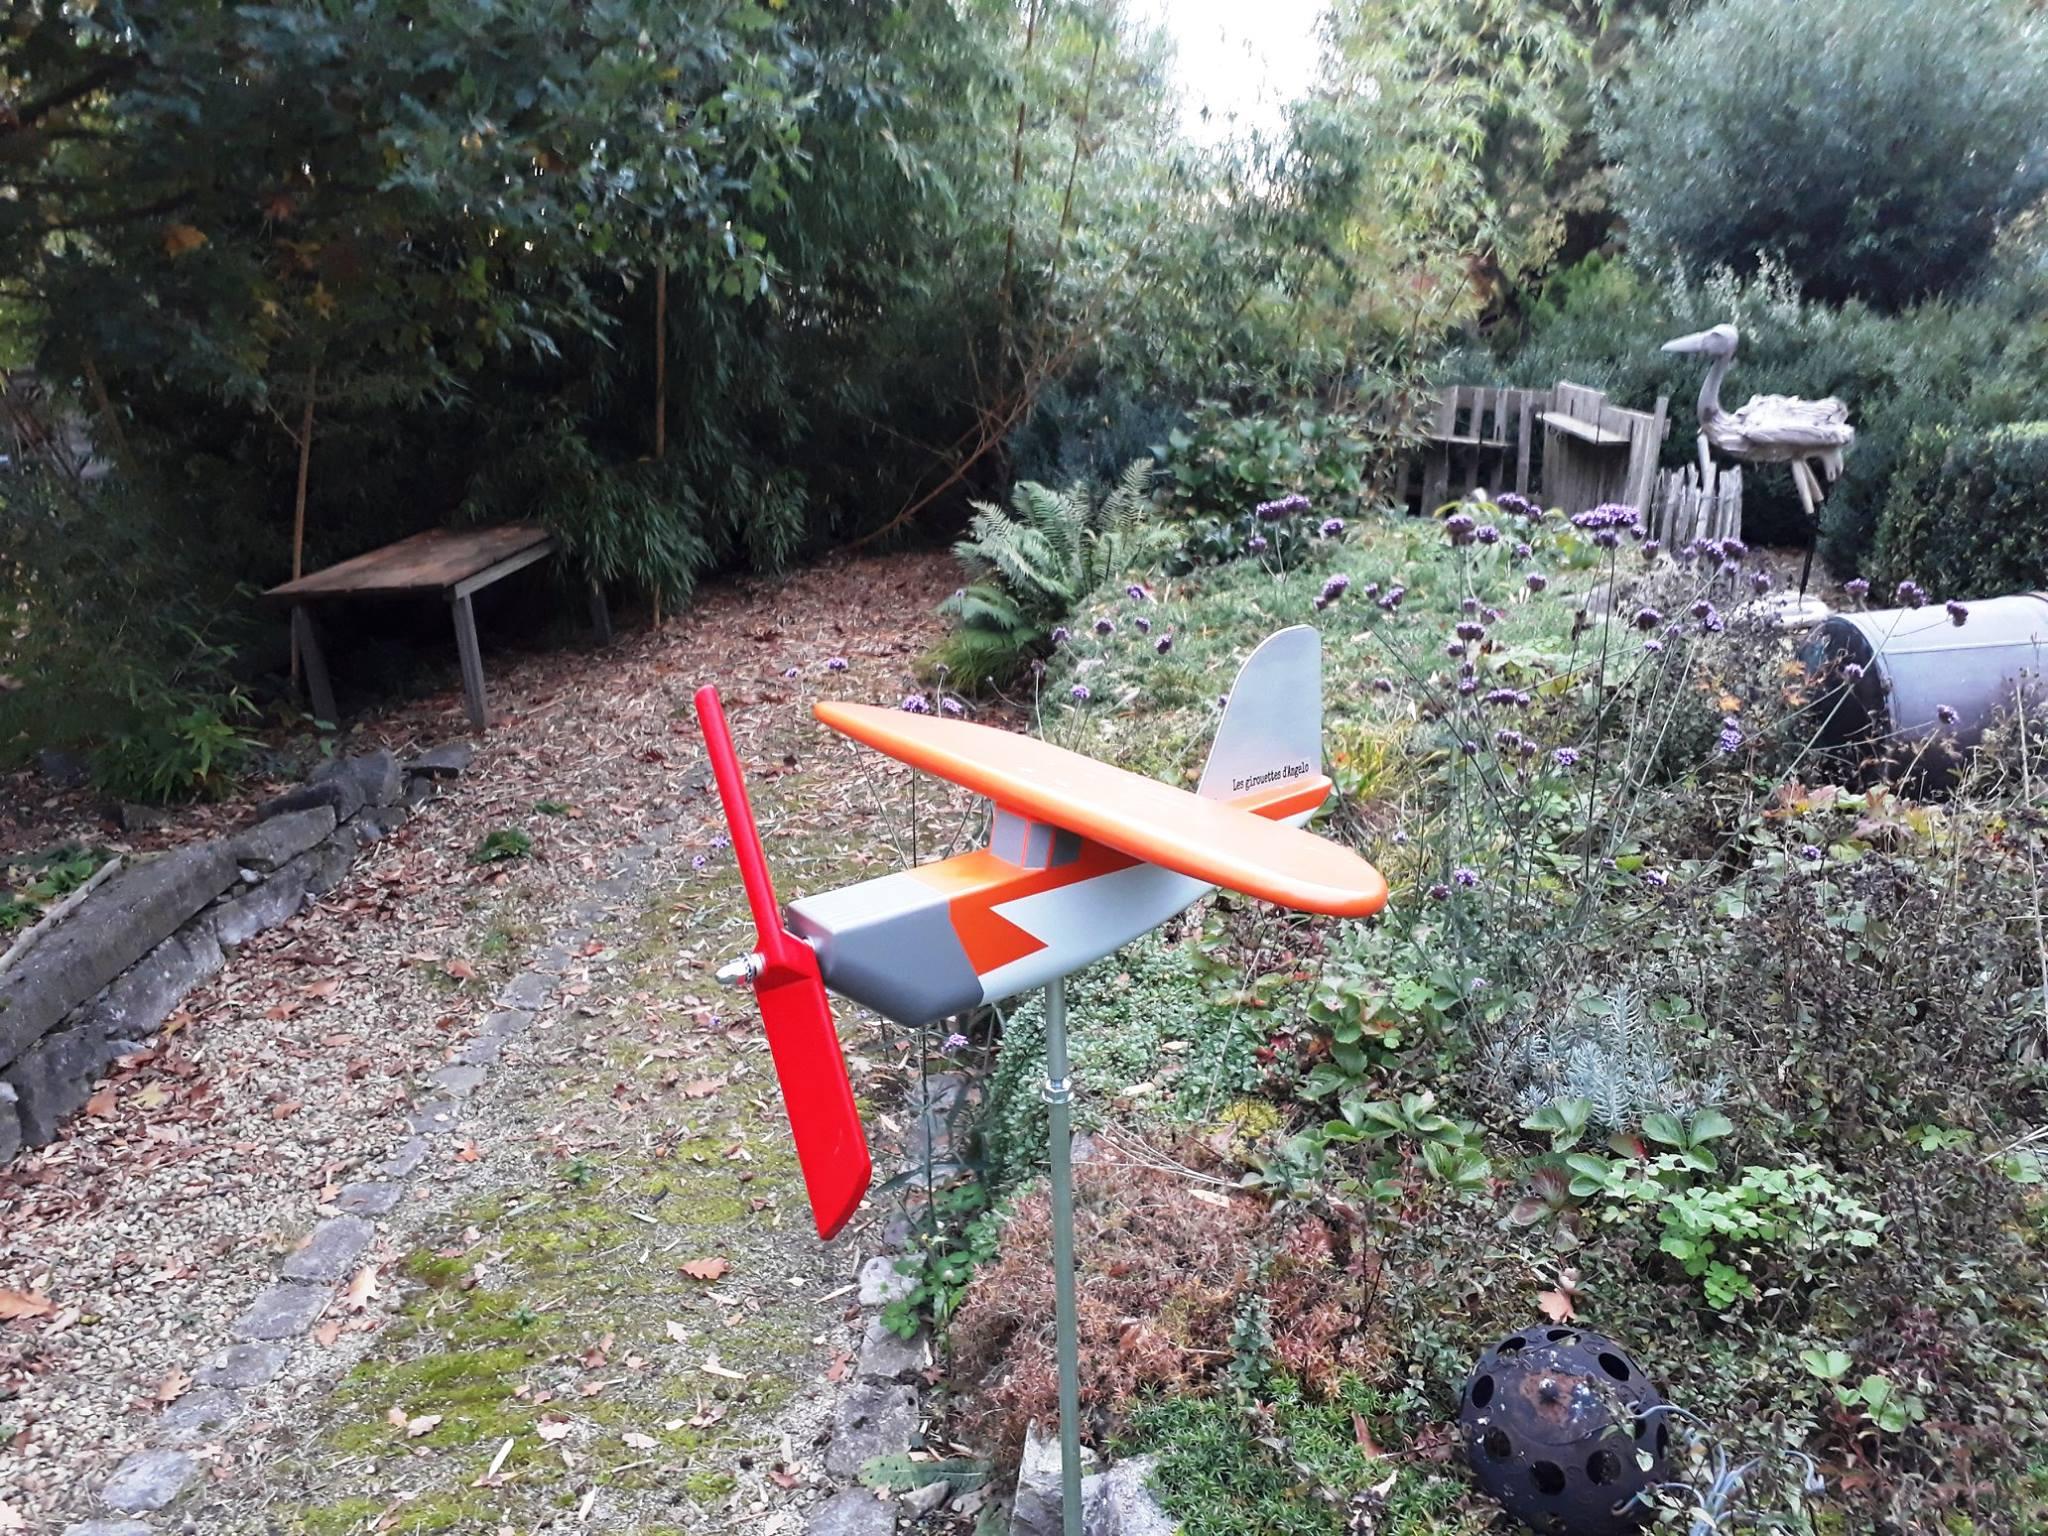 Les Girouettes D'angelo Avion Girouette Bois Vent Décoration ... dedans Girouette De Jardin